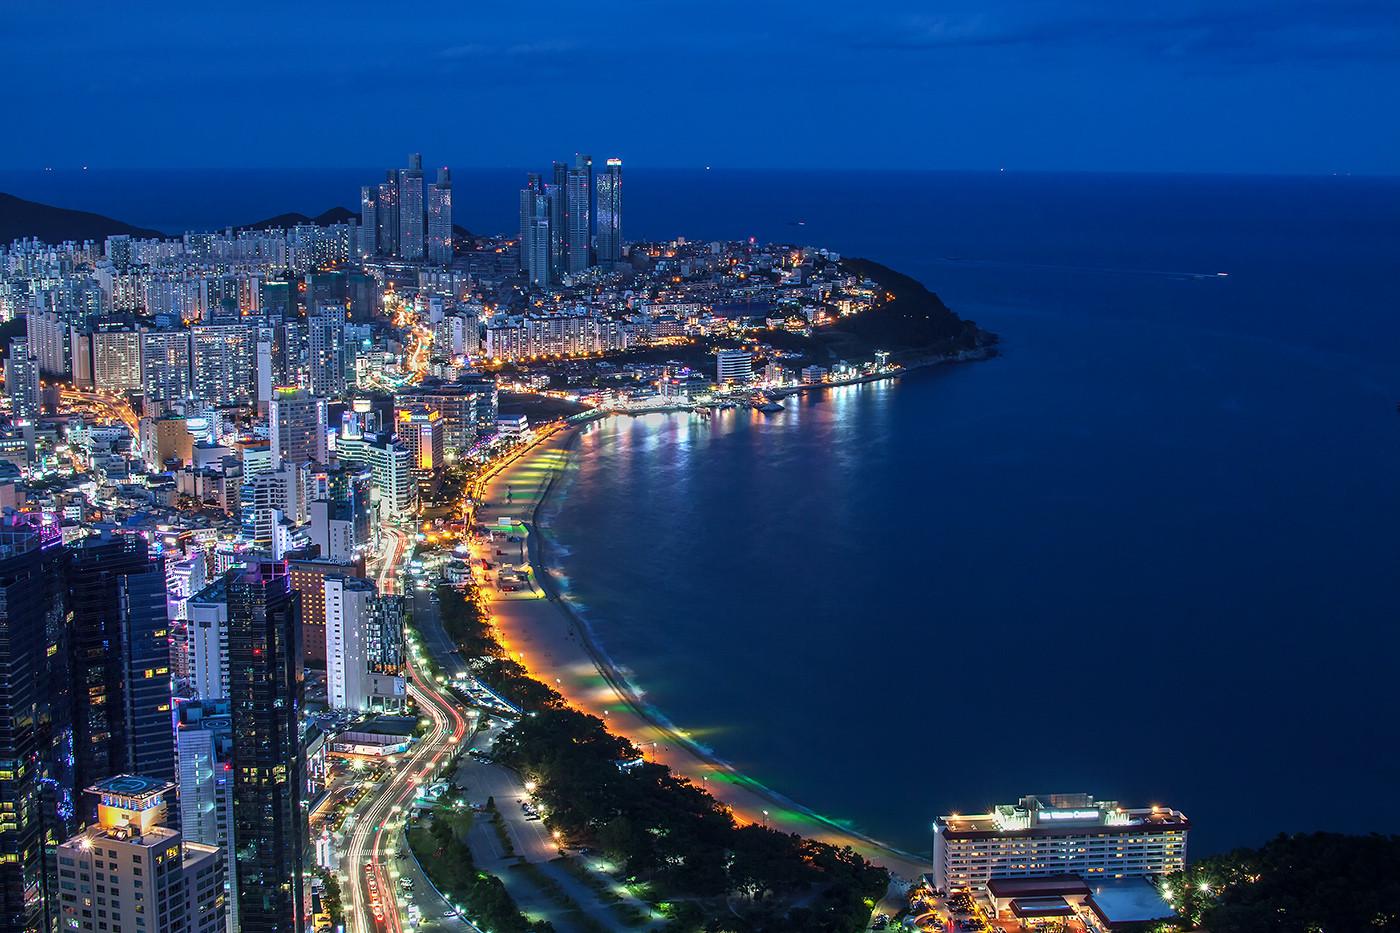 9 điểm du lịch hấp dẫn tại Busan bạn nhất định phải đến - ảnh 4